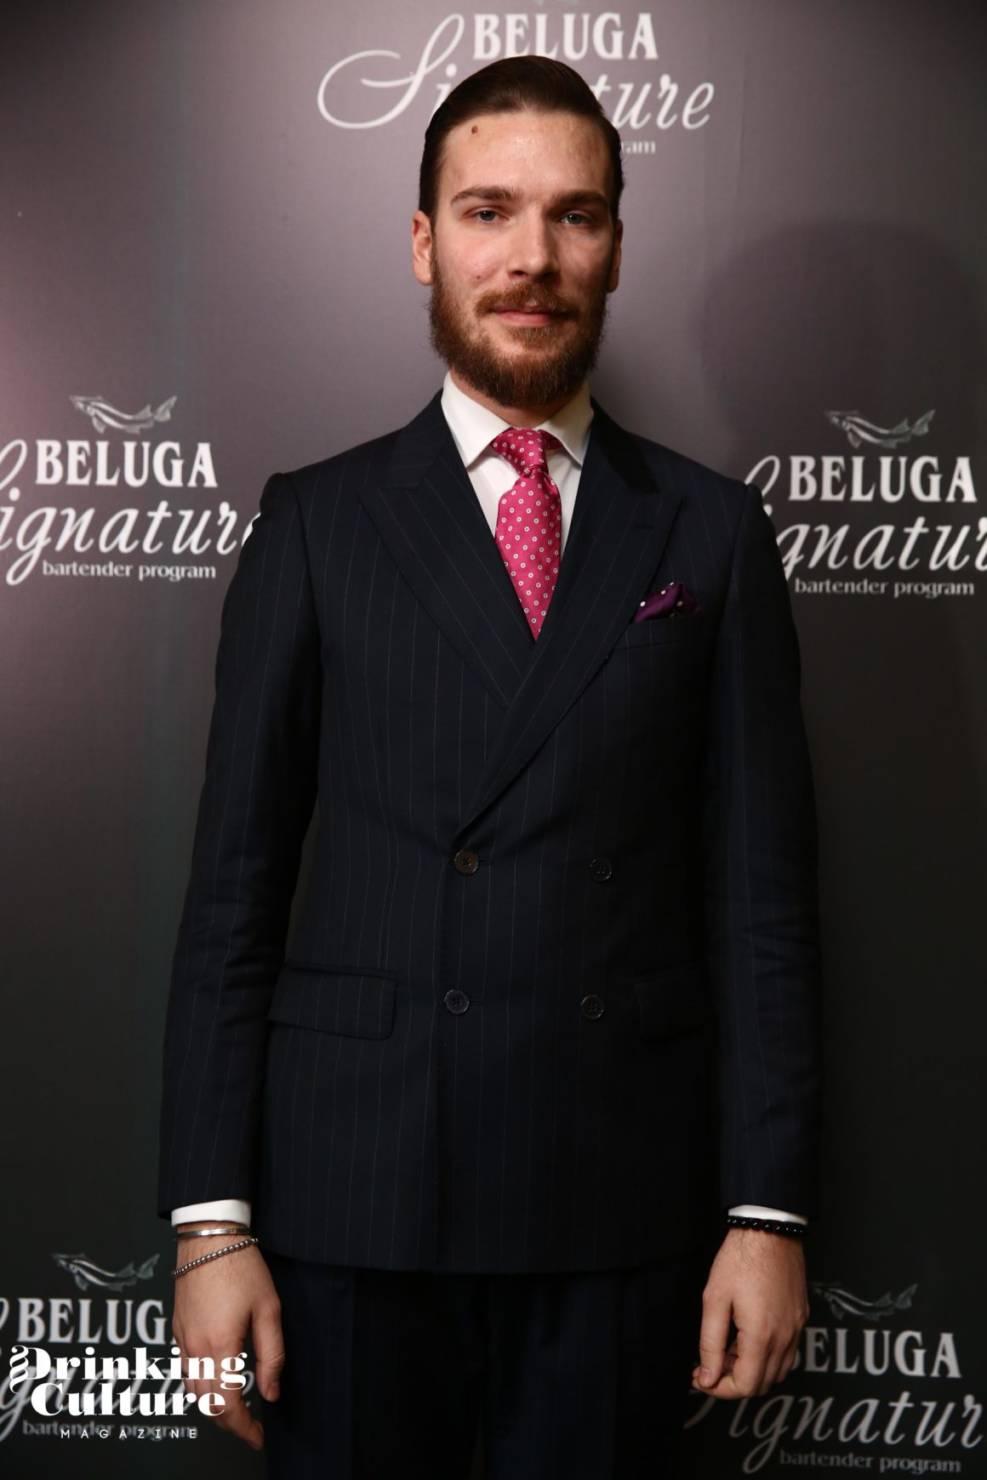 beluga9